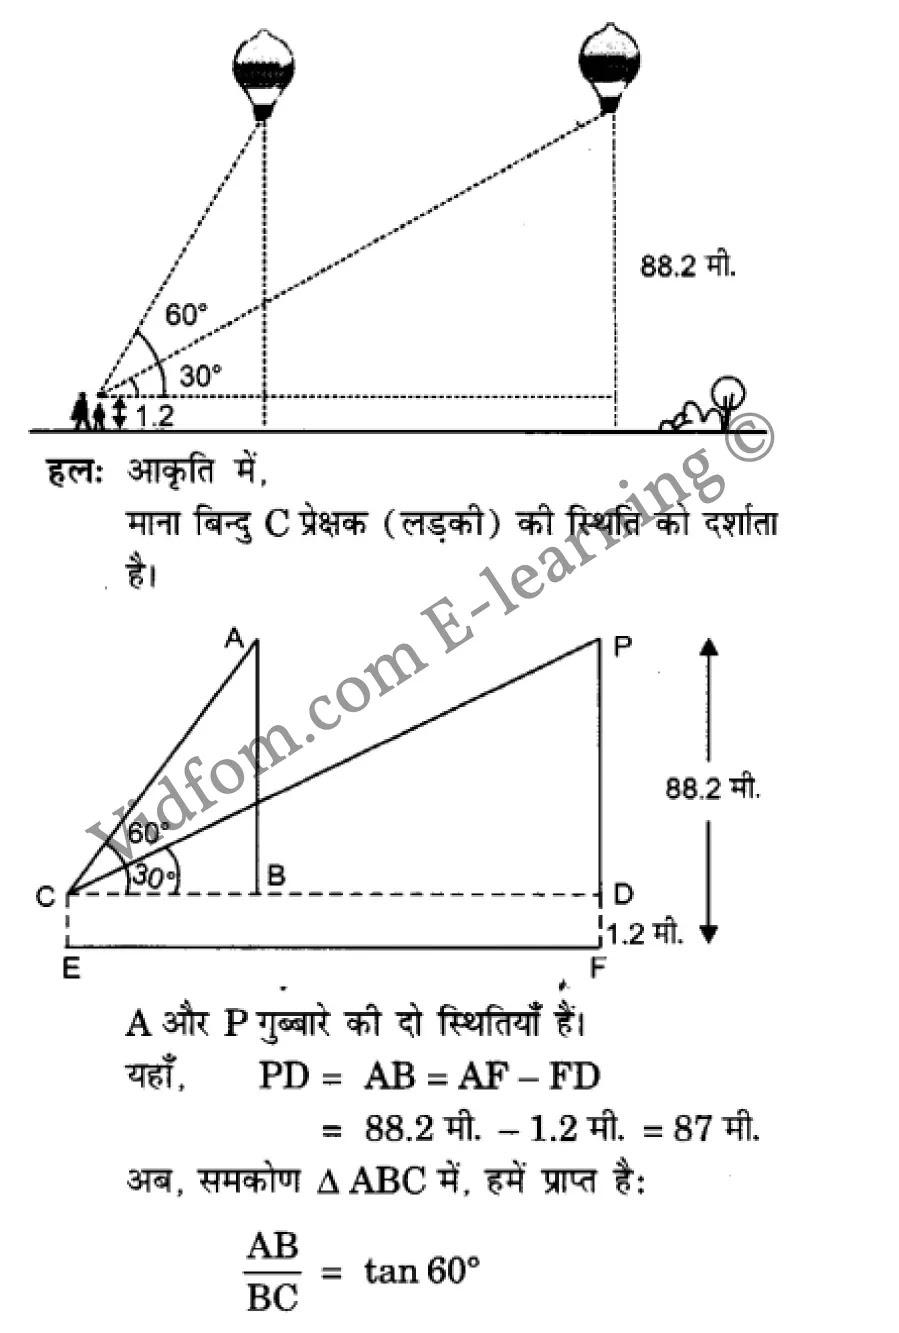 कक्षा 10 गणित  के नोट्स  हिंदी में एनसीईआरटी समाधान,     class 10 Maths chapter 9,   class 10 Maths chapter 9 ncert solutions in Maths,  class 10 Maths chapter 9 notes in hindi,   class 10 Maths chapter 9 question answer,   class 10 Maths chapter 9 notes,   class 10 Maths chapter 9 class 10 Maths  chapter 9 in  hindi,    class 10 Maths chapter 9 important questions in  hindi,   class 10 Maths hindi  chapter 9 notes in hindi,   class 10 Maths  chapter 9 test,   class 10 Maths  chapter 9 class 10 Maths  chapter 9 pdf,   class 10 Maths  chapter 9 notes pdf,   class 10 Maths  chapter 9 exercise solutions,  class 10 Maths  chapter 9,  class 10 Maths  chapter 9 notes study rankers,  class 10 Maths  chapter 9 notes,   class 10 Maths hindi  chapter 9 notes,    class 10 Maths   chapter 9  class 10  notes pdf,  class 10 Maths  chapter 9 class 10  notes  ncert,  class 10 Maths  chapter 9 class 10 pdf,   class 10 Maths  chapter 9  book,   class 10 Maths  chapter 9 quiz class 10  ,    10  th class 10 Maths chapter 9  book up board,   up board 10  th class 10 Maths chapter 9 notes,  class 10 Maths,   class 10 Maths ncert solutions in Maths,   class 10 Maths notes in hindi,   class 10 Maths question answer,   class 10 Maths notes,  class 10 Maths class 10 Maths  chapter 9 in  hindi,    class 10 Maths important questions in  hindi,   class 10 Maths notes in hindi,    class 10 Maths test,  class 10 Maths class 10 Maths  chapter 9 pdf,   class 10 Maths notes pdf,   class 10 Maths exercise solutions,   class 10 Maths,  class 10 Maths notes study rankers,   class 10 Maths notes,  class 10 Maths notes,   class 10 Maths  class 10  notes pdf,   class 10 Maths class 10  notes  ncert,   class 10 Maths class 10 pdf,   class 10 Maths  book,  class 10 Maths quiz class 10  ,  10  th class 10 Maths    book up board,    up board 10  th class 10 Maths notes,      कक्षा 10 गणित अध्याय 9 ,  कक्षा 10 गणित, कक्षा 10 गणित अध्याय 9  के नोट्स हिंदी में,  कक्षा 10 का गणित अध्याय 9 का प्रश्न उत्तर,  कक्षा 